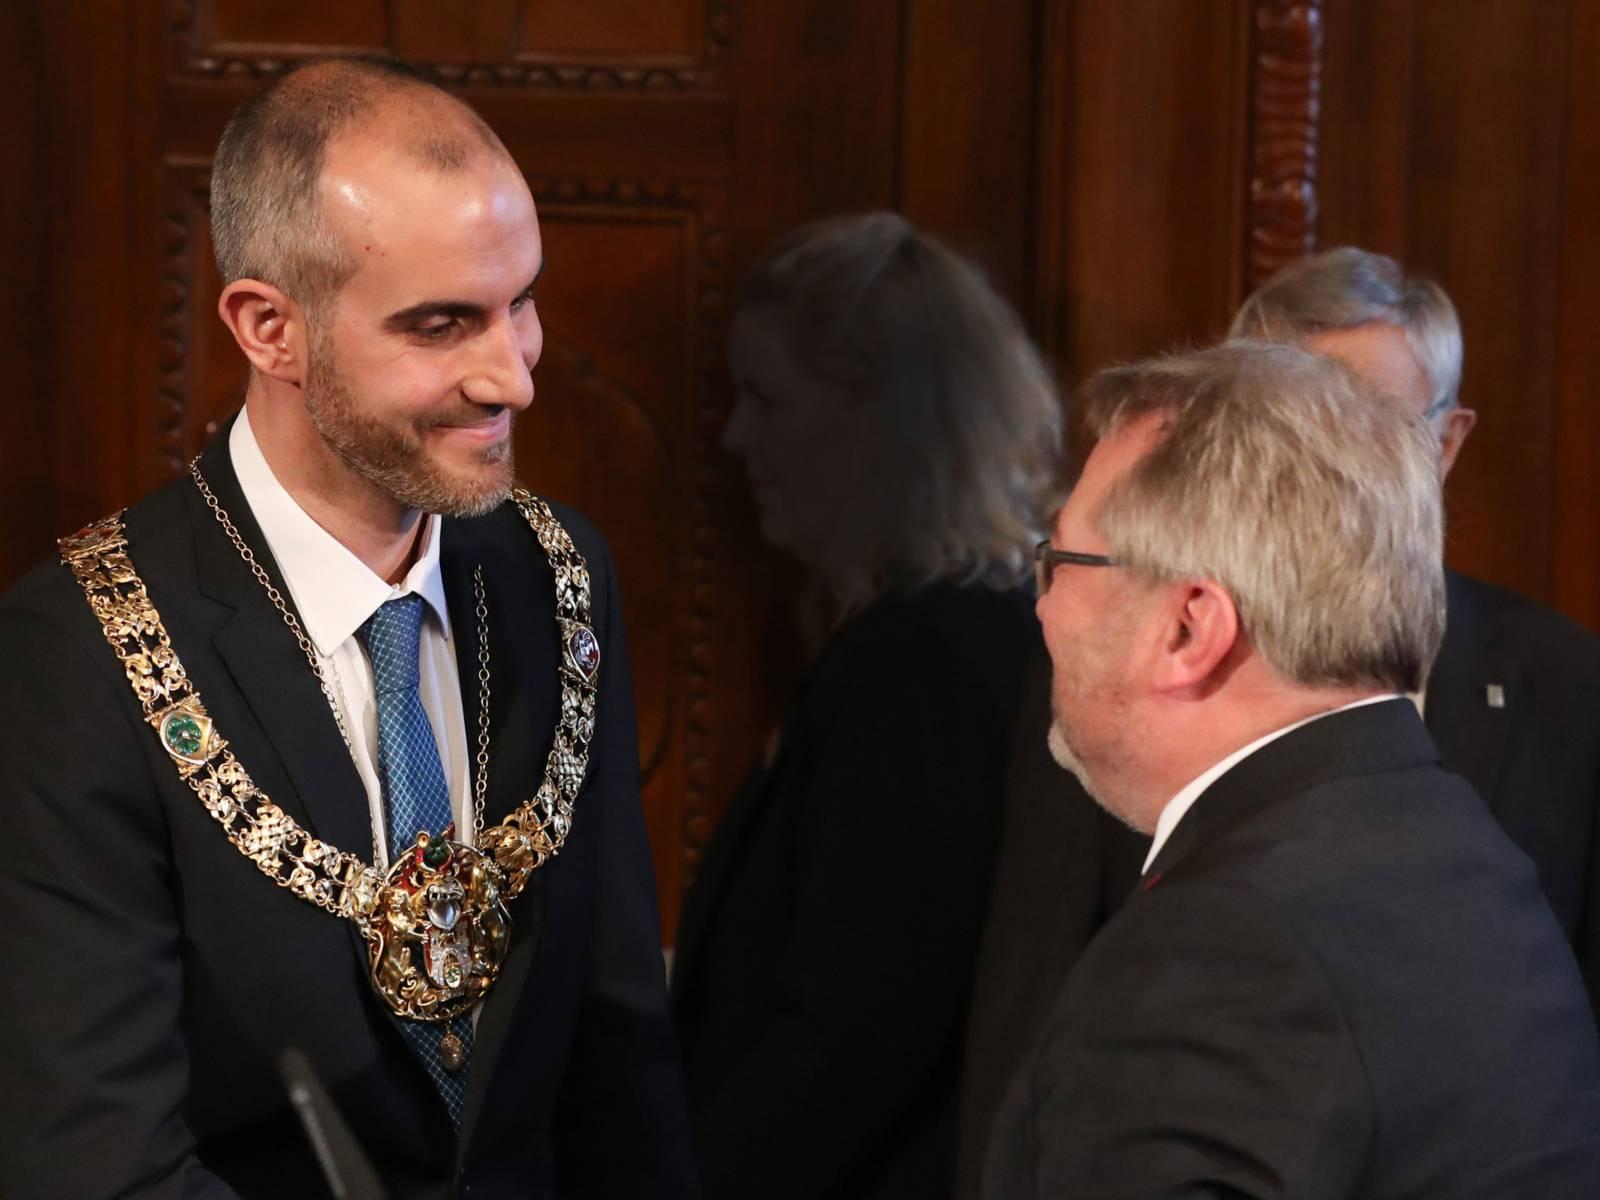 Ein Mann legt einem anderen Mann eine goldene Amtskette an